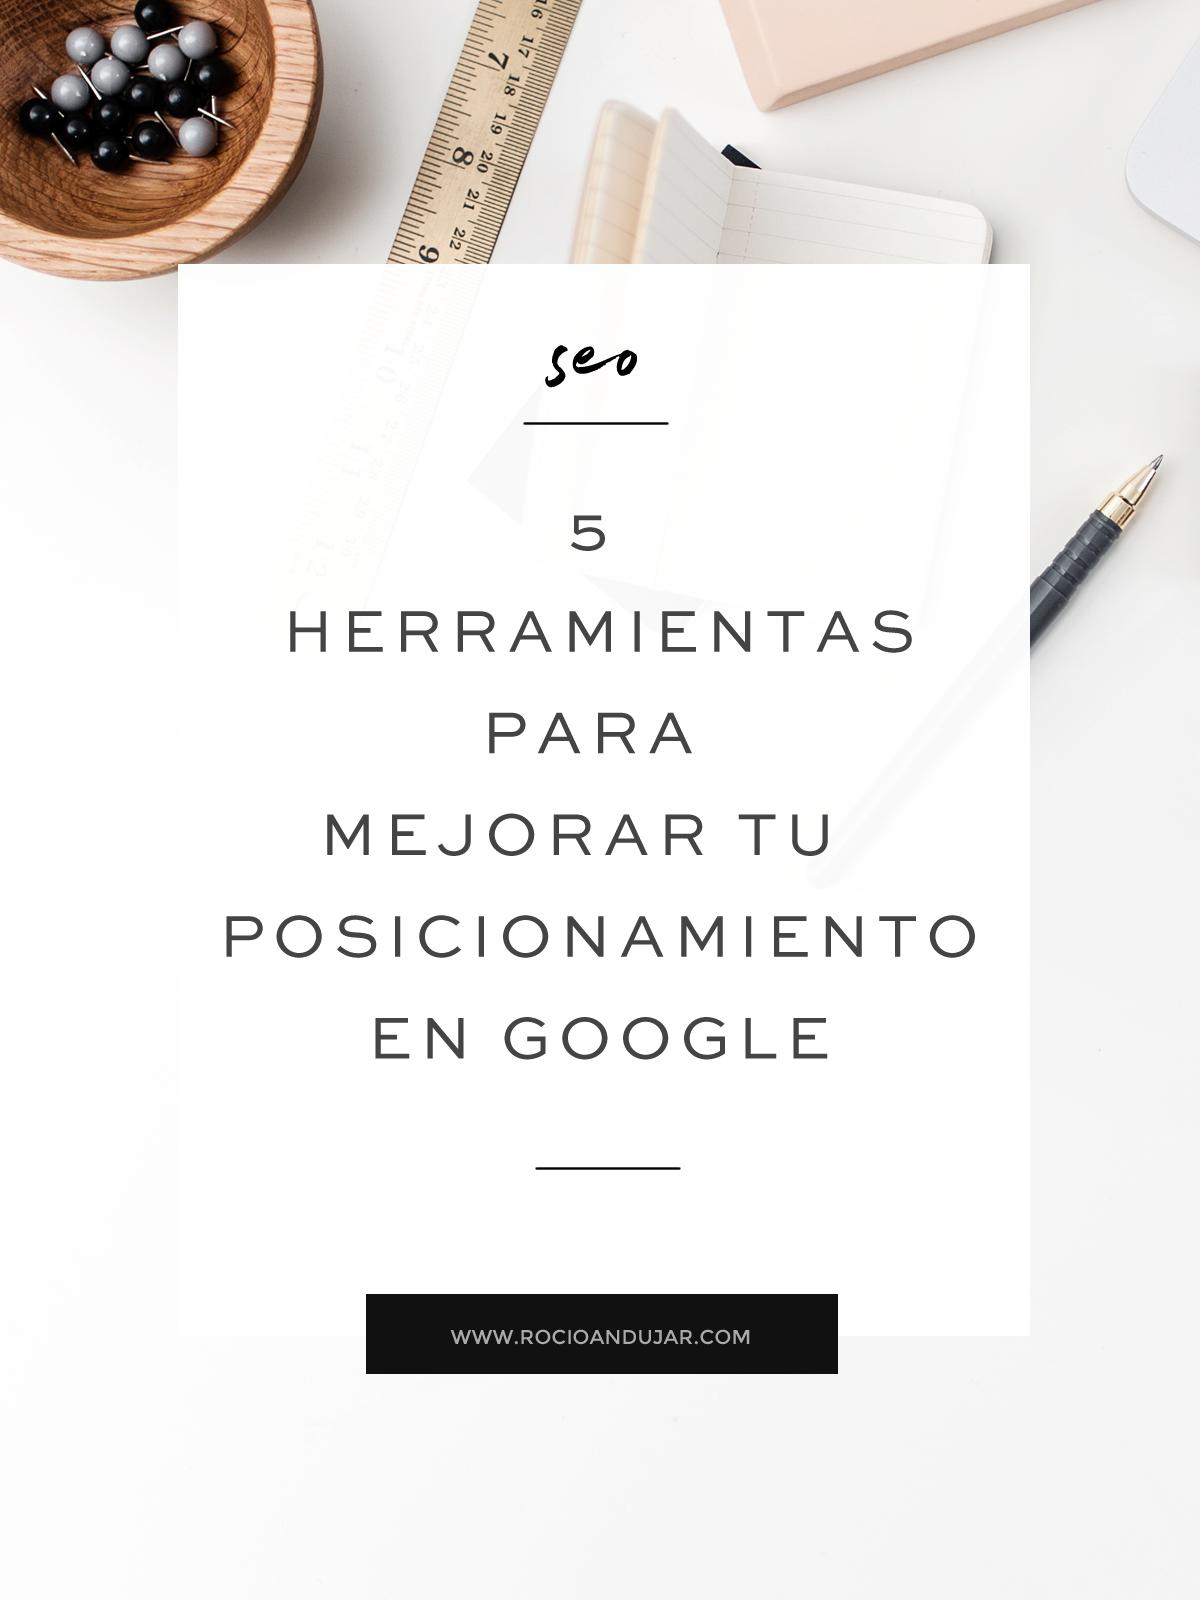 5 herramientas para mejorar posicionamiento en google